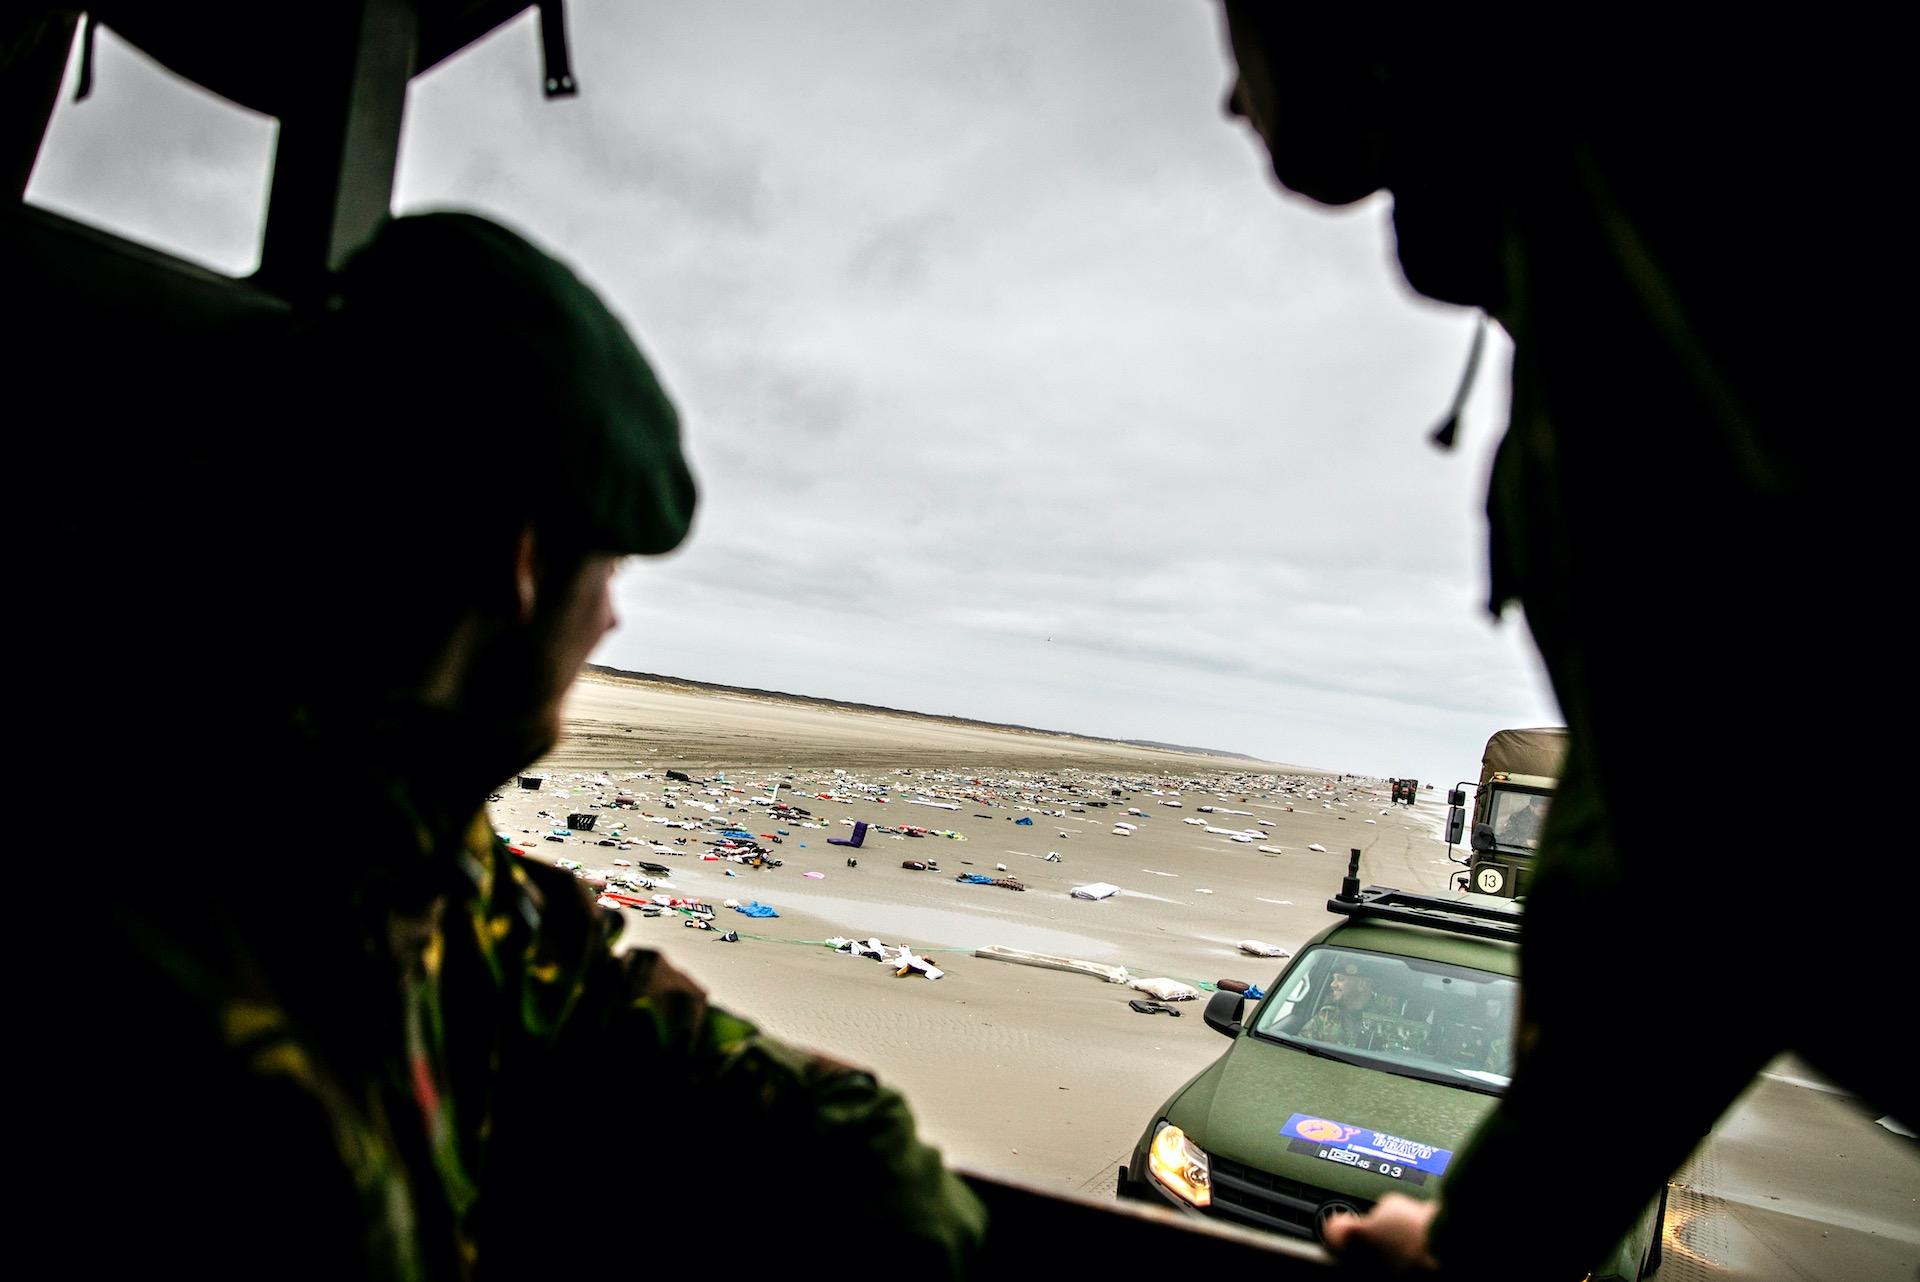 SCHIERMONNIKOOG - Militairen bekijken de stranden van Schiermonnikoog. Ruim honderd militairen zijn naar het eiland gekomen om de spullen, afkomstig van vrachtschop MSC Zoe, op te ruimen.